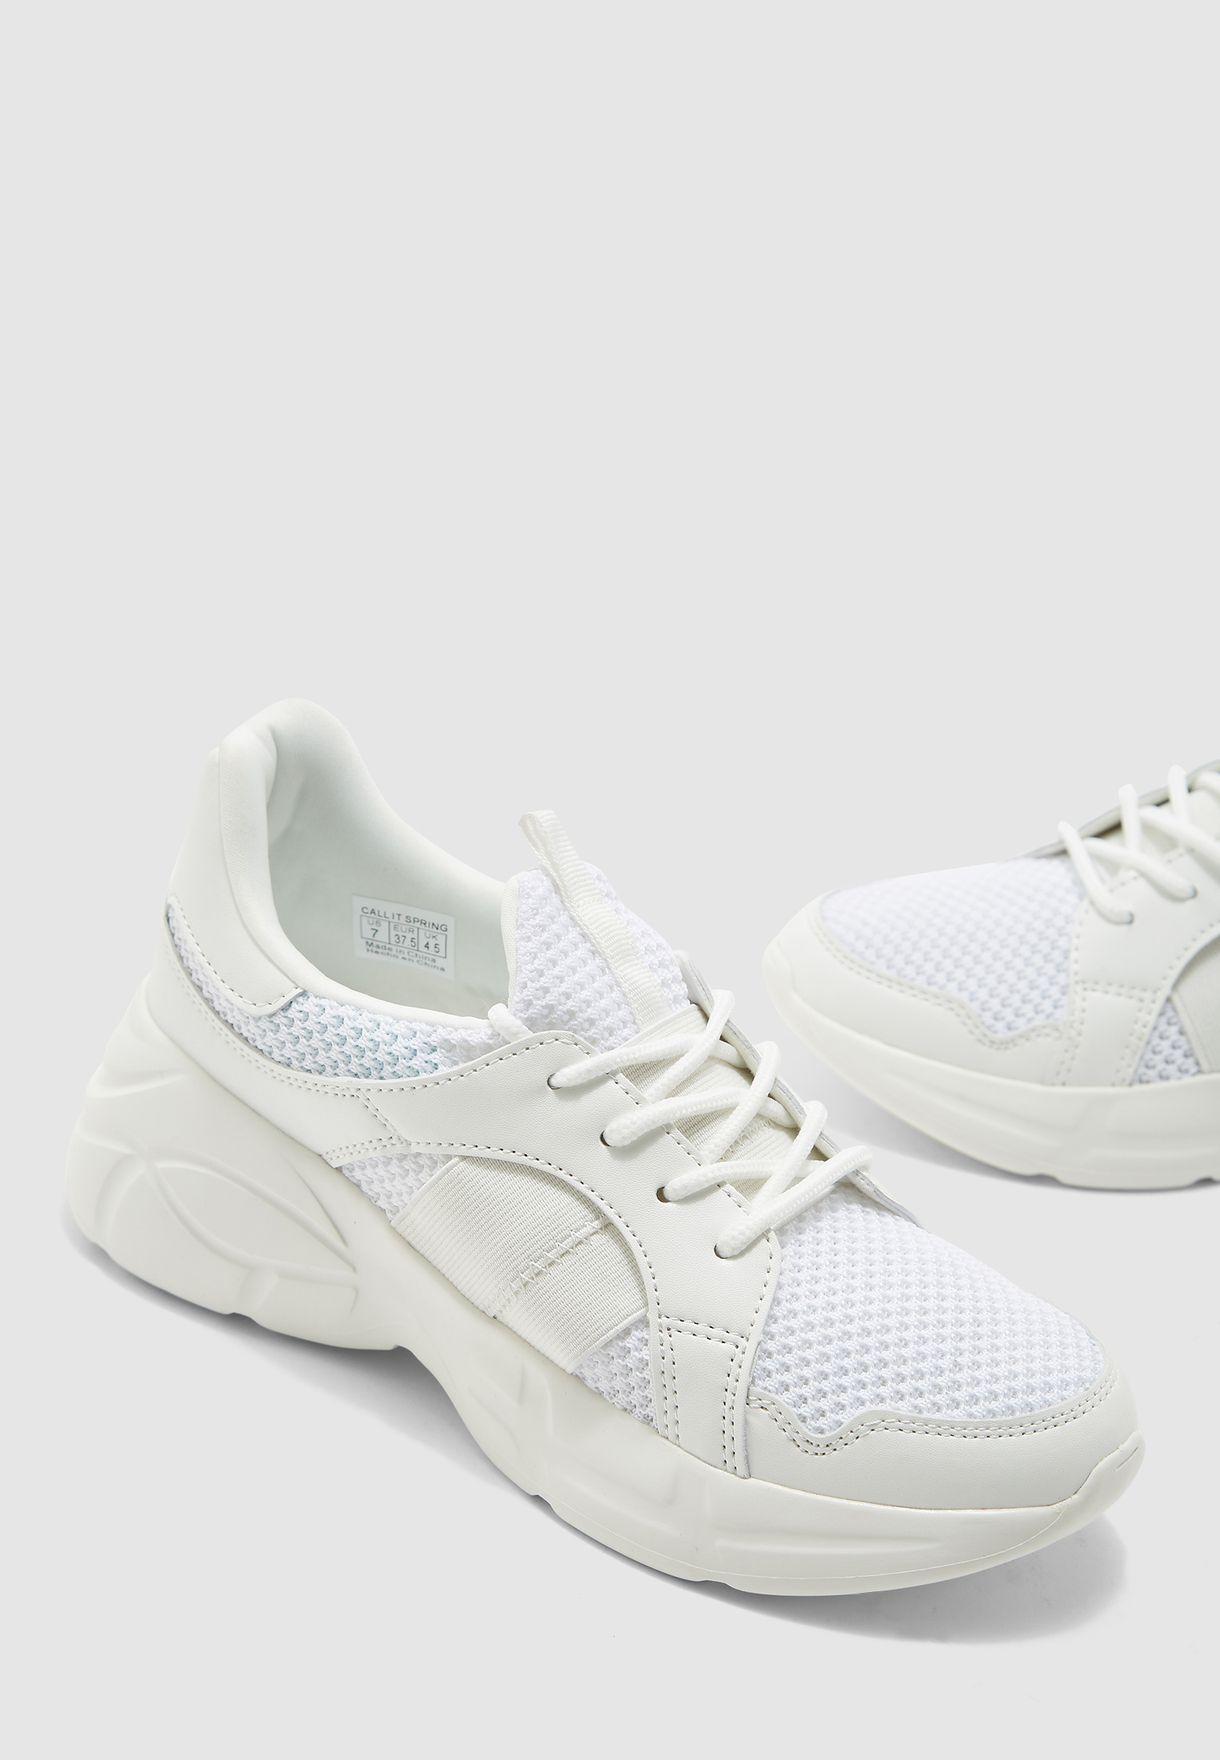 Vegan Vandal Low Top Sneaker